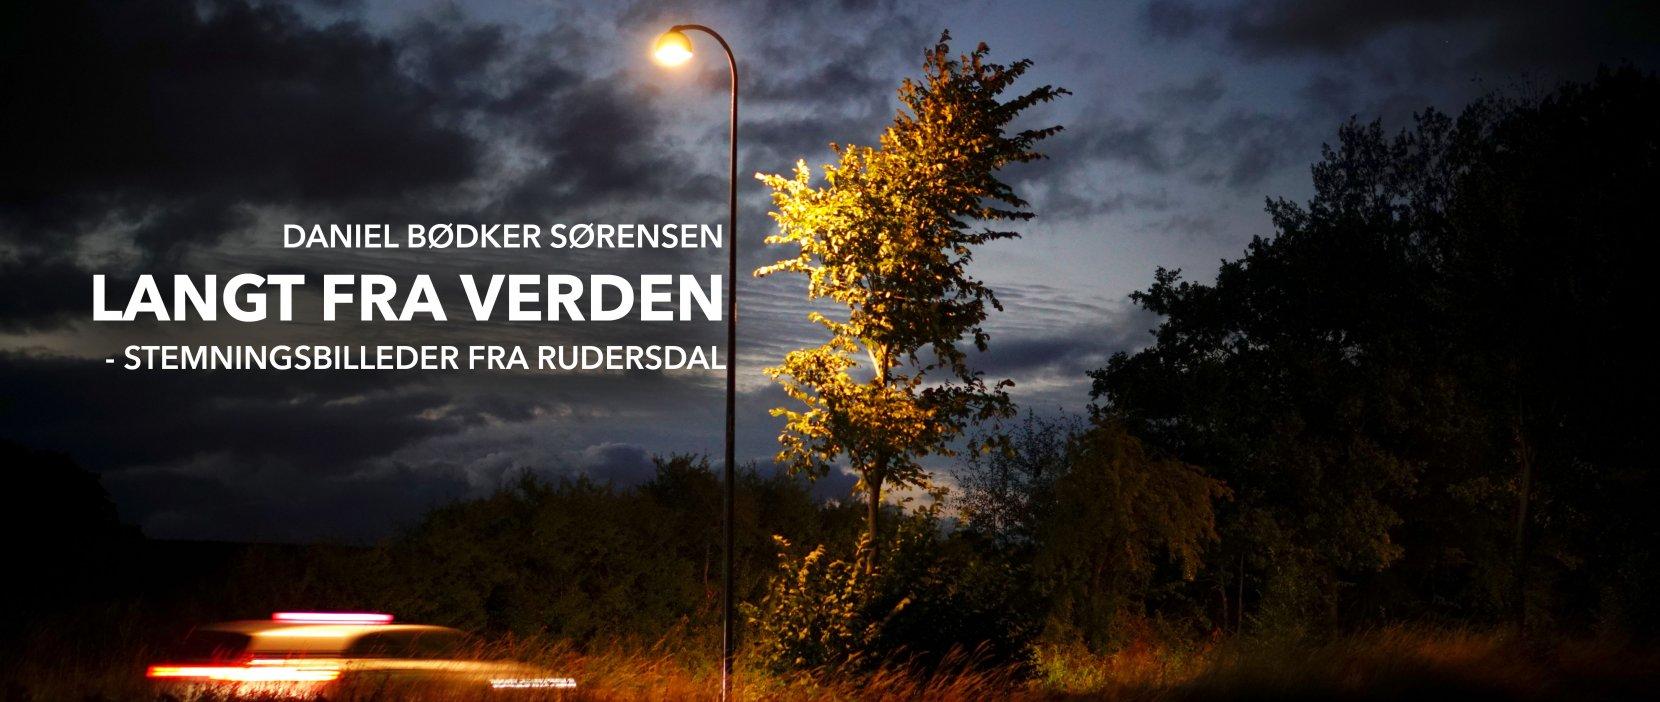 Langt fra verden plakat forestillende et træ og en lygtepæl i mørke